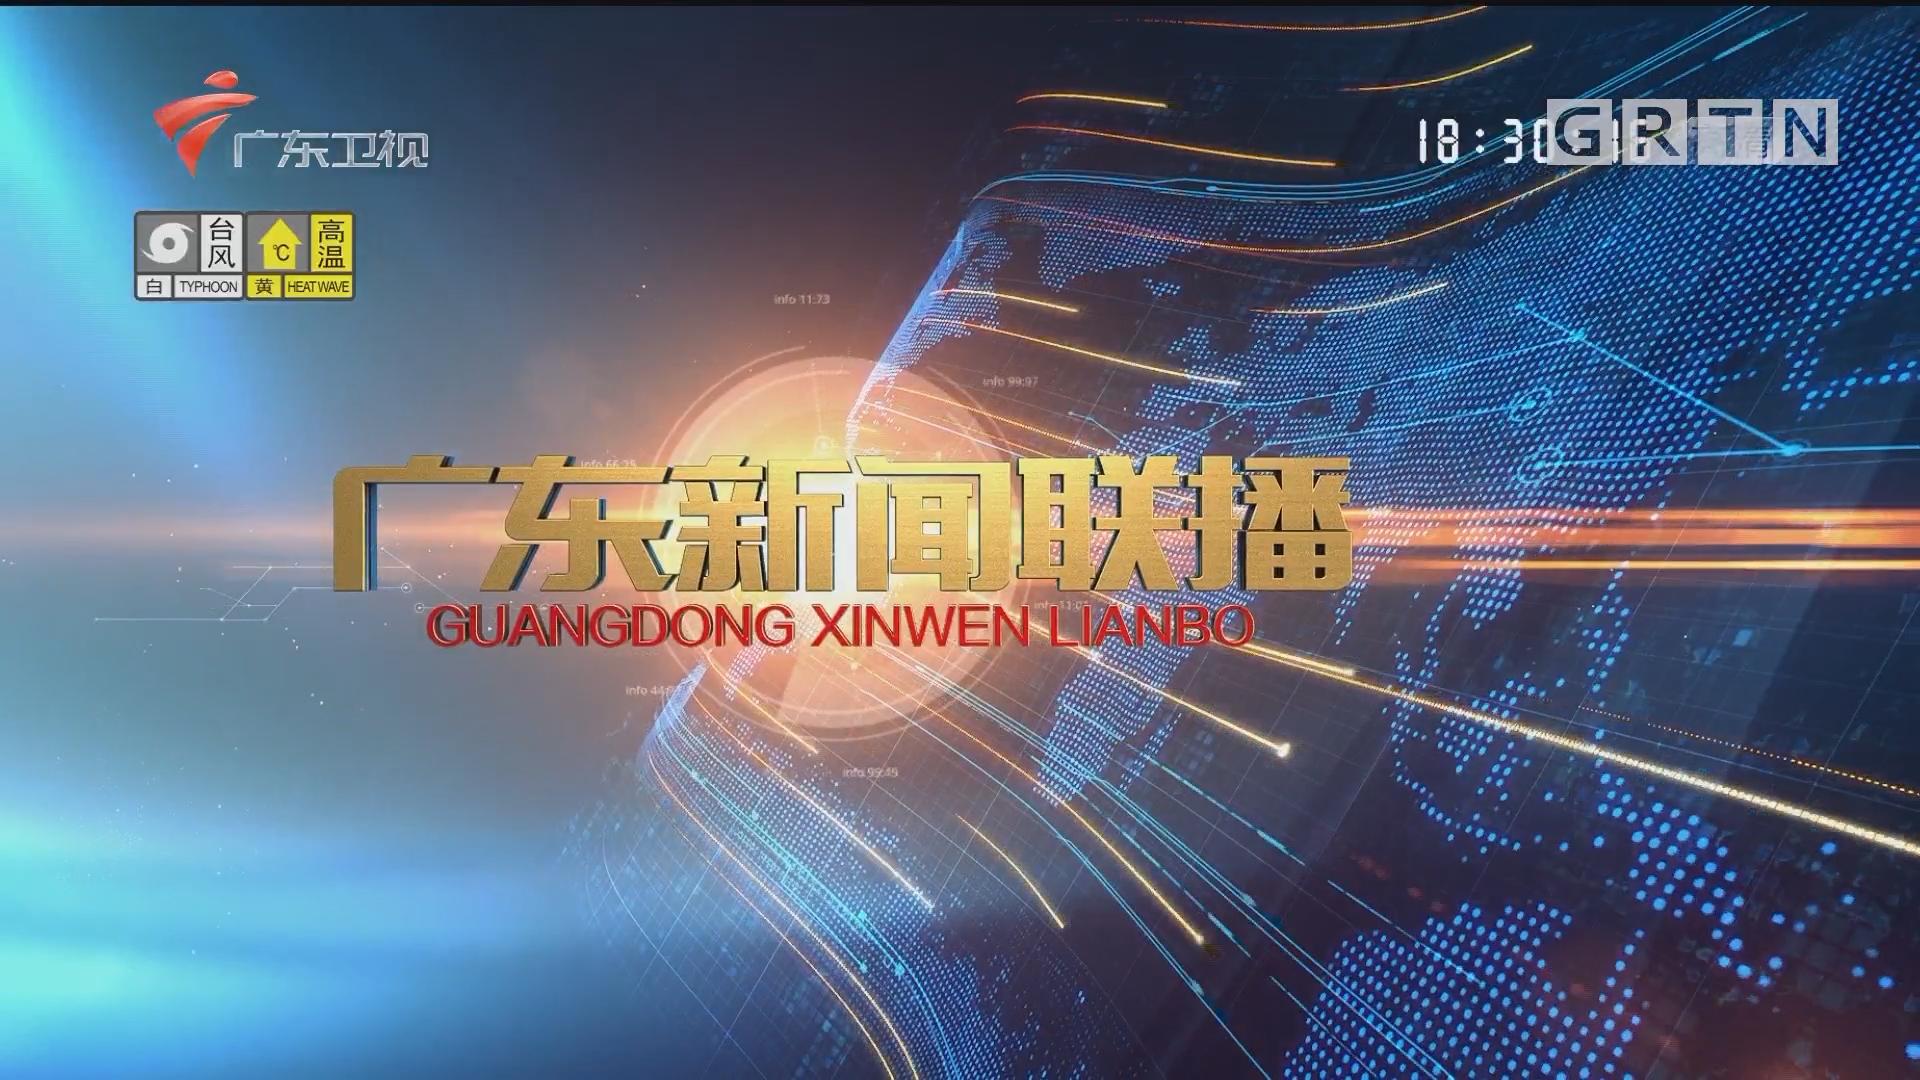 [HD][2017-09-02]广东新闻联播:胡春华主持召开省委常委会议 为党的十九大胜利召开营造良好氛围